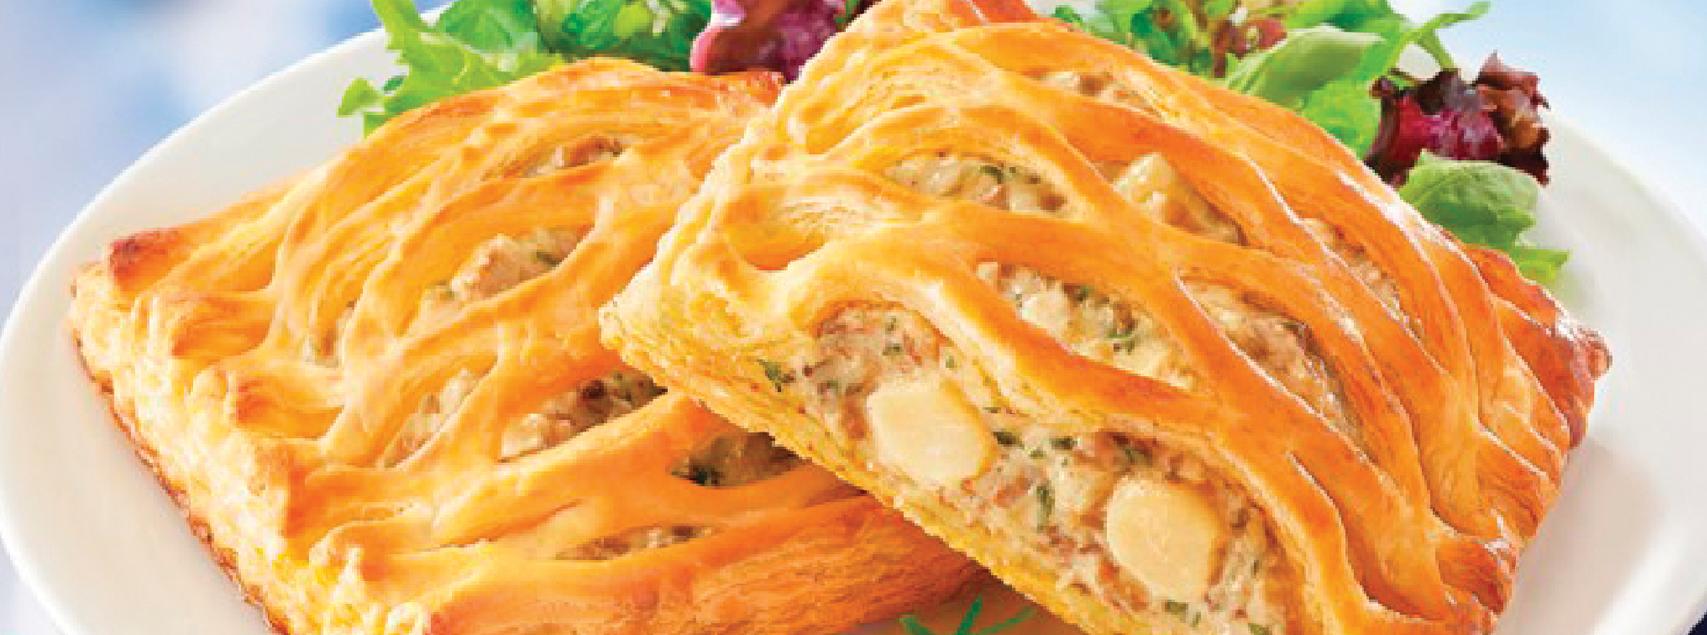 Pasteten gefüllt mit Kammmuscheln